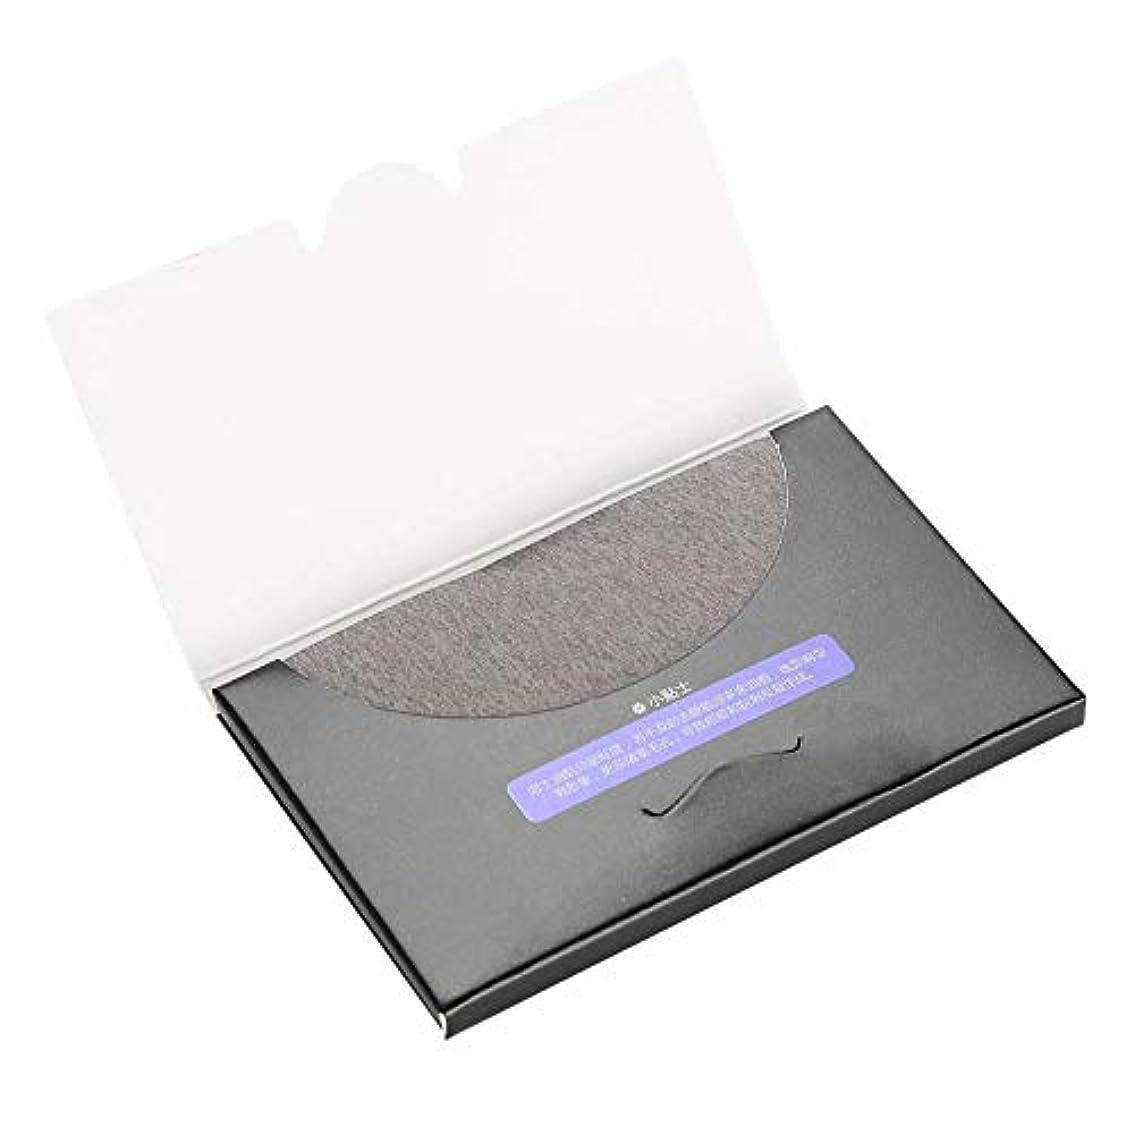 頭蓋骨伝統的ミリメーター80枚/袋吸油布 - 化粧フィルムのクリーニング、吸い取り紙の消去 - きれいな吸い取り紙